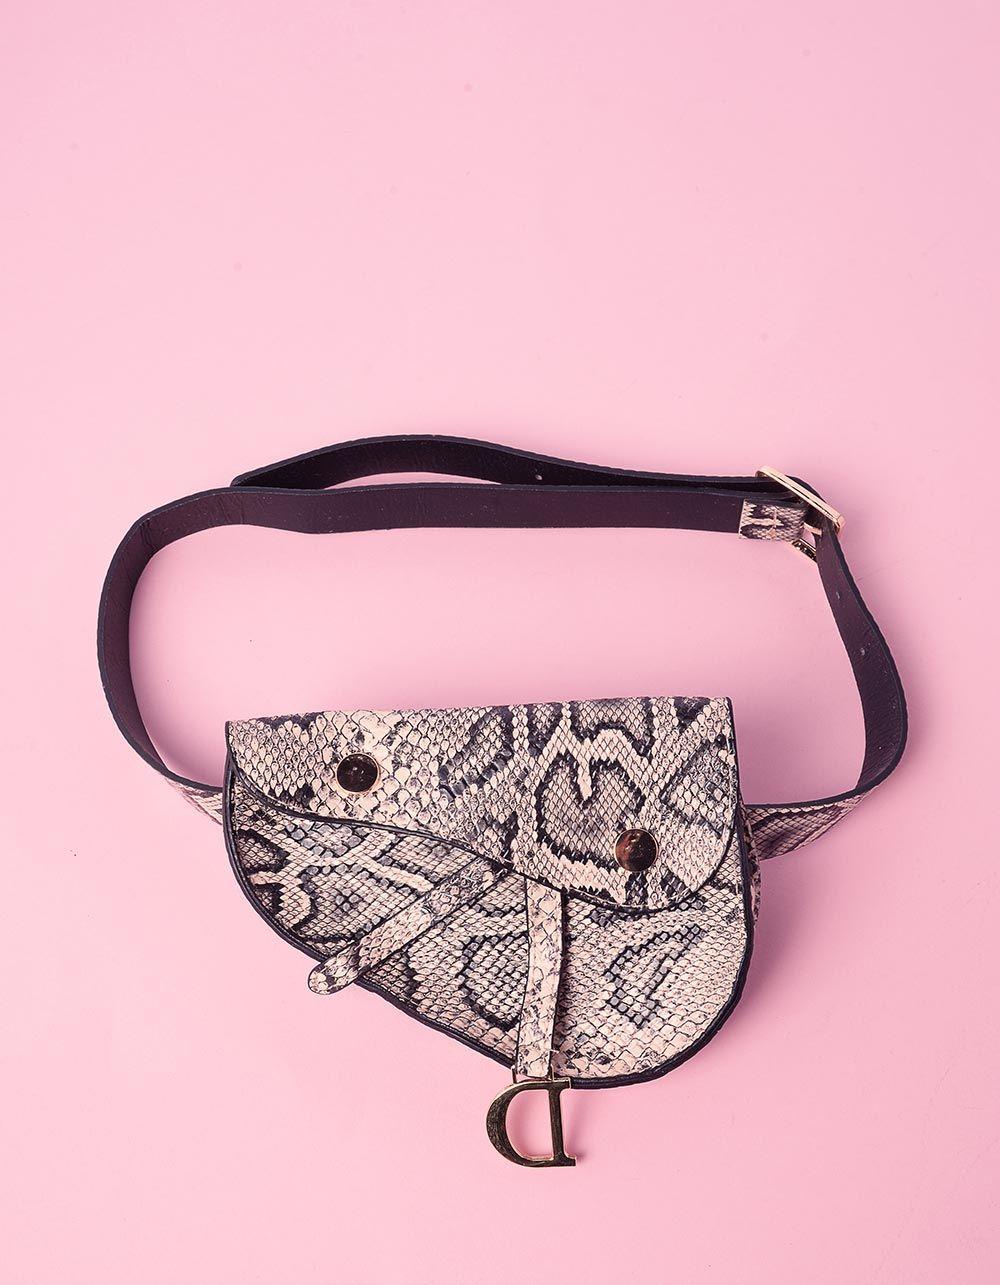 Ремінь з сумкою | 237365-39-XX